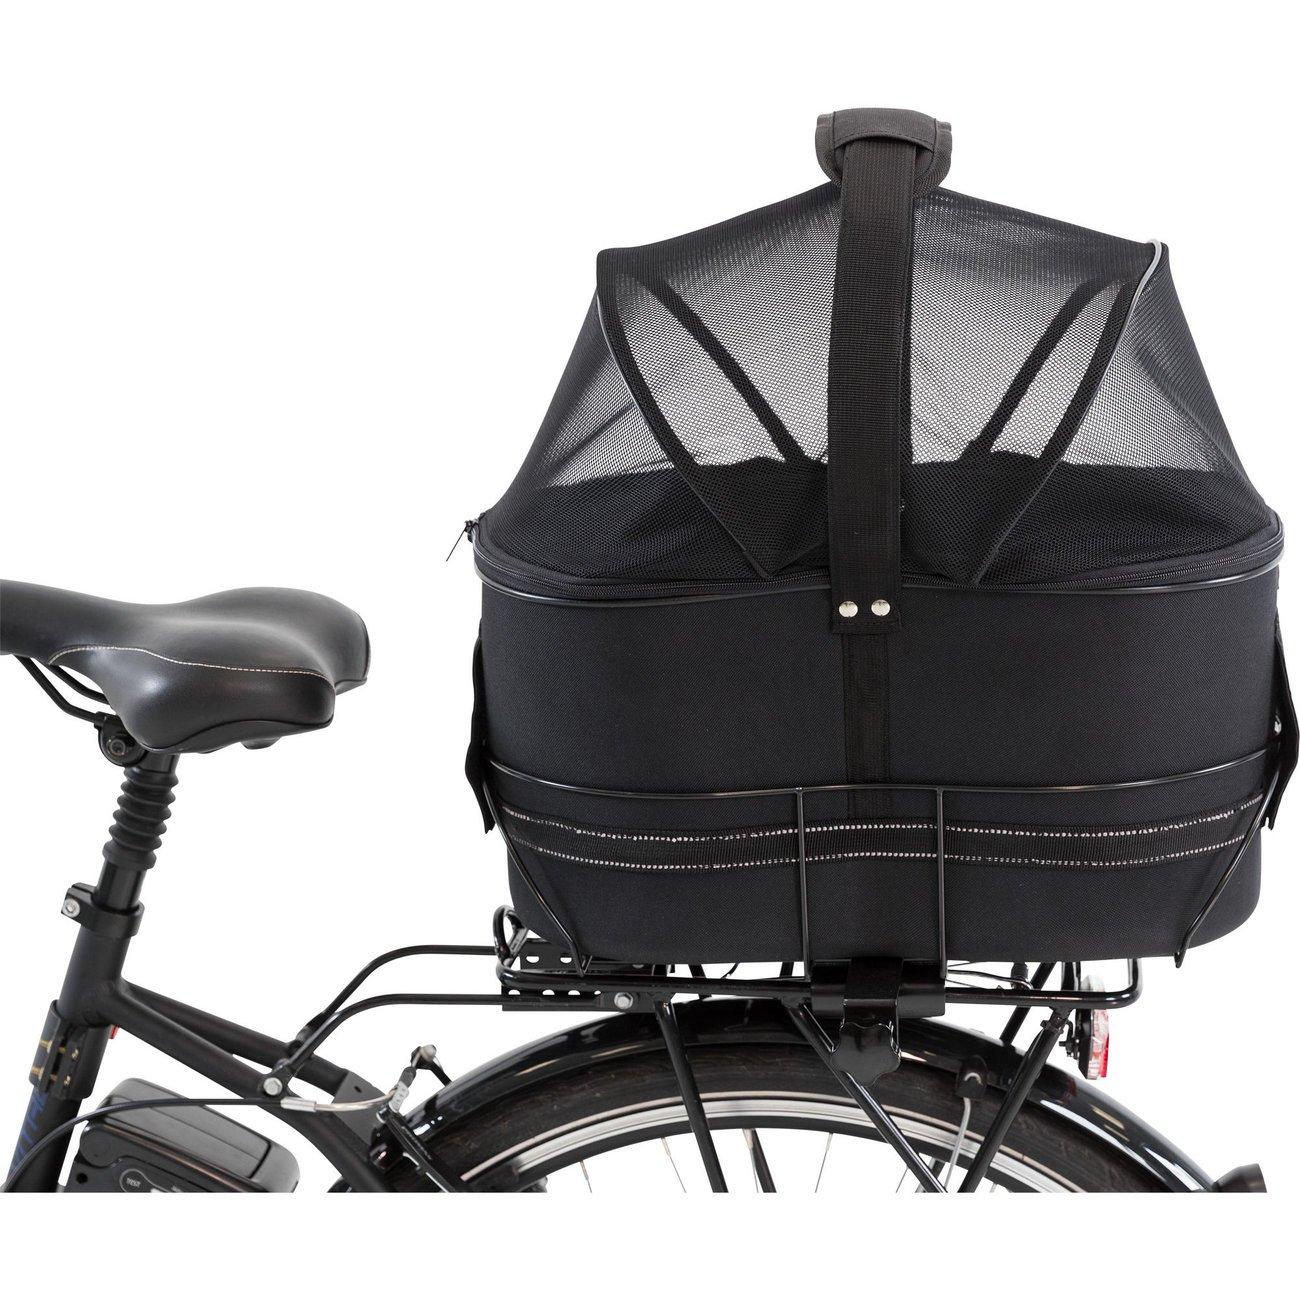 Fahrradtasche mit Metallrahmen für breite Gepäckträger Bild 17